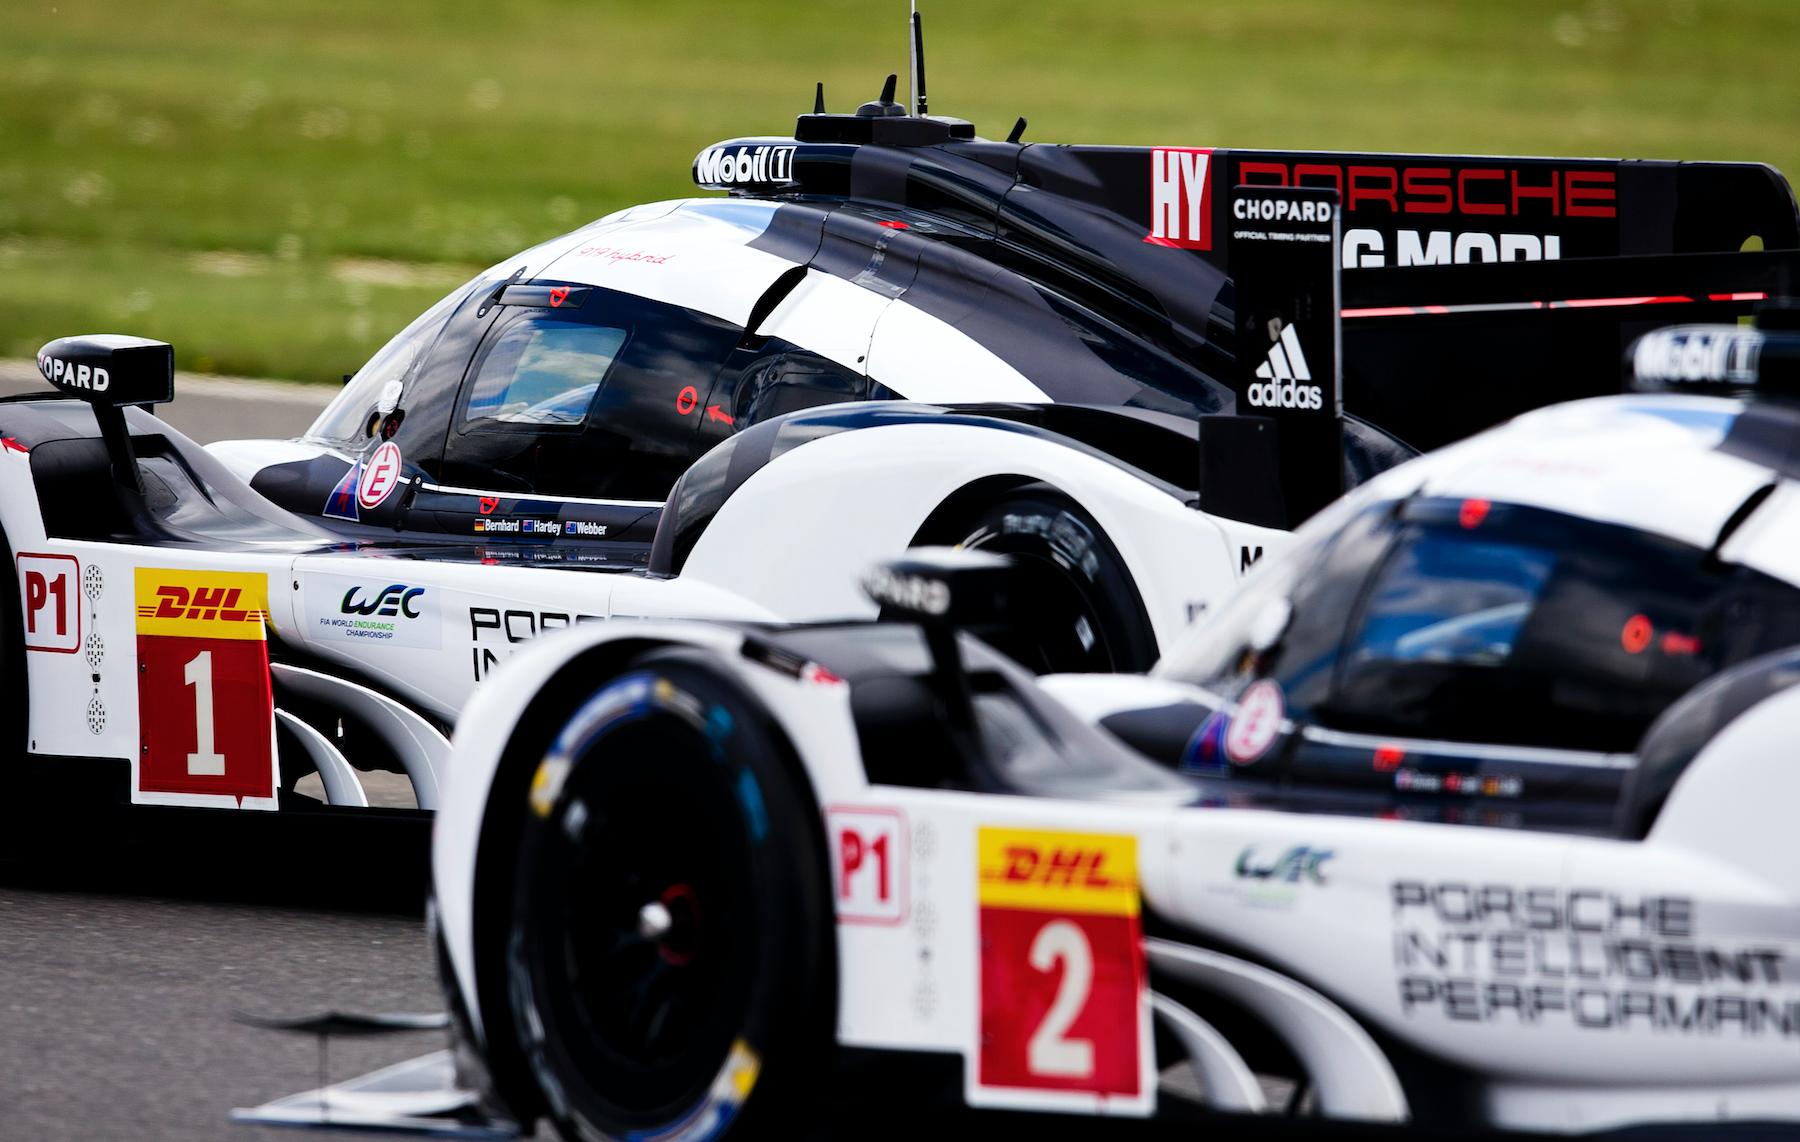 Porsche-y-Chopard-Silverstone1